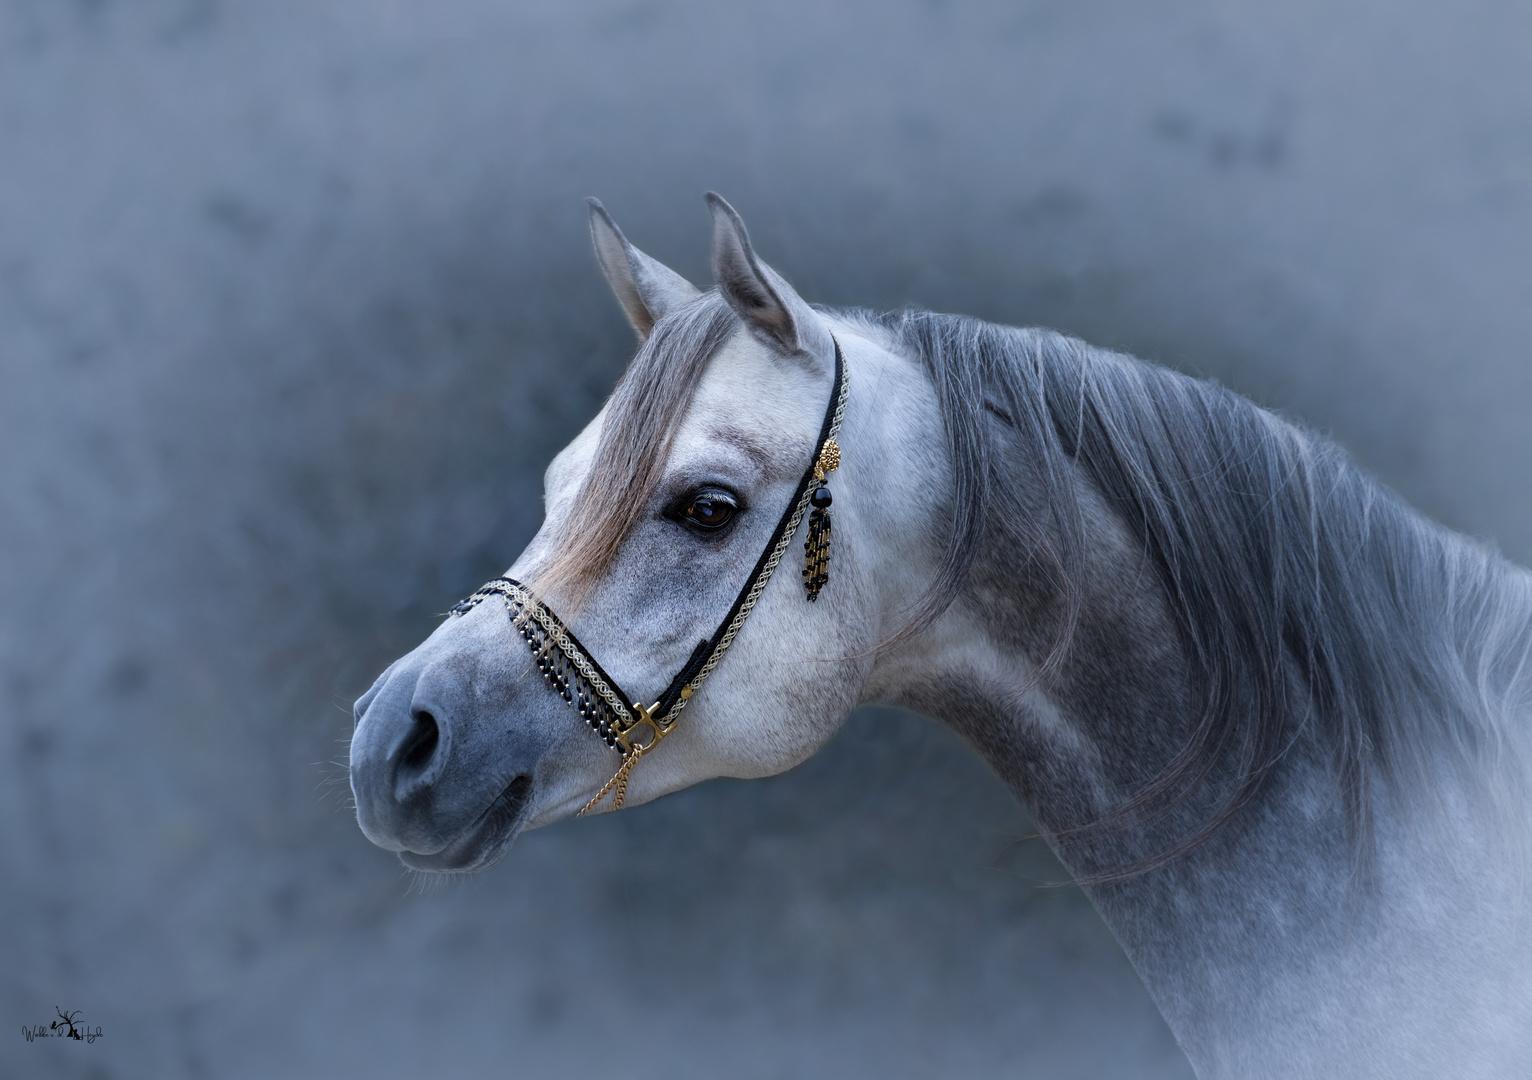 Eines der schönsten Pferde die ich bisher gesehn habe.